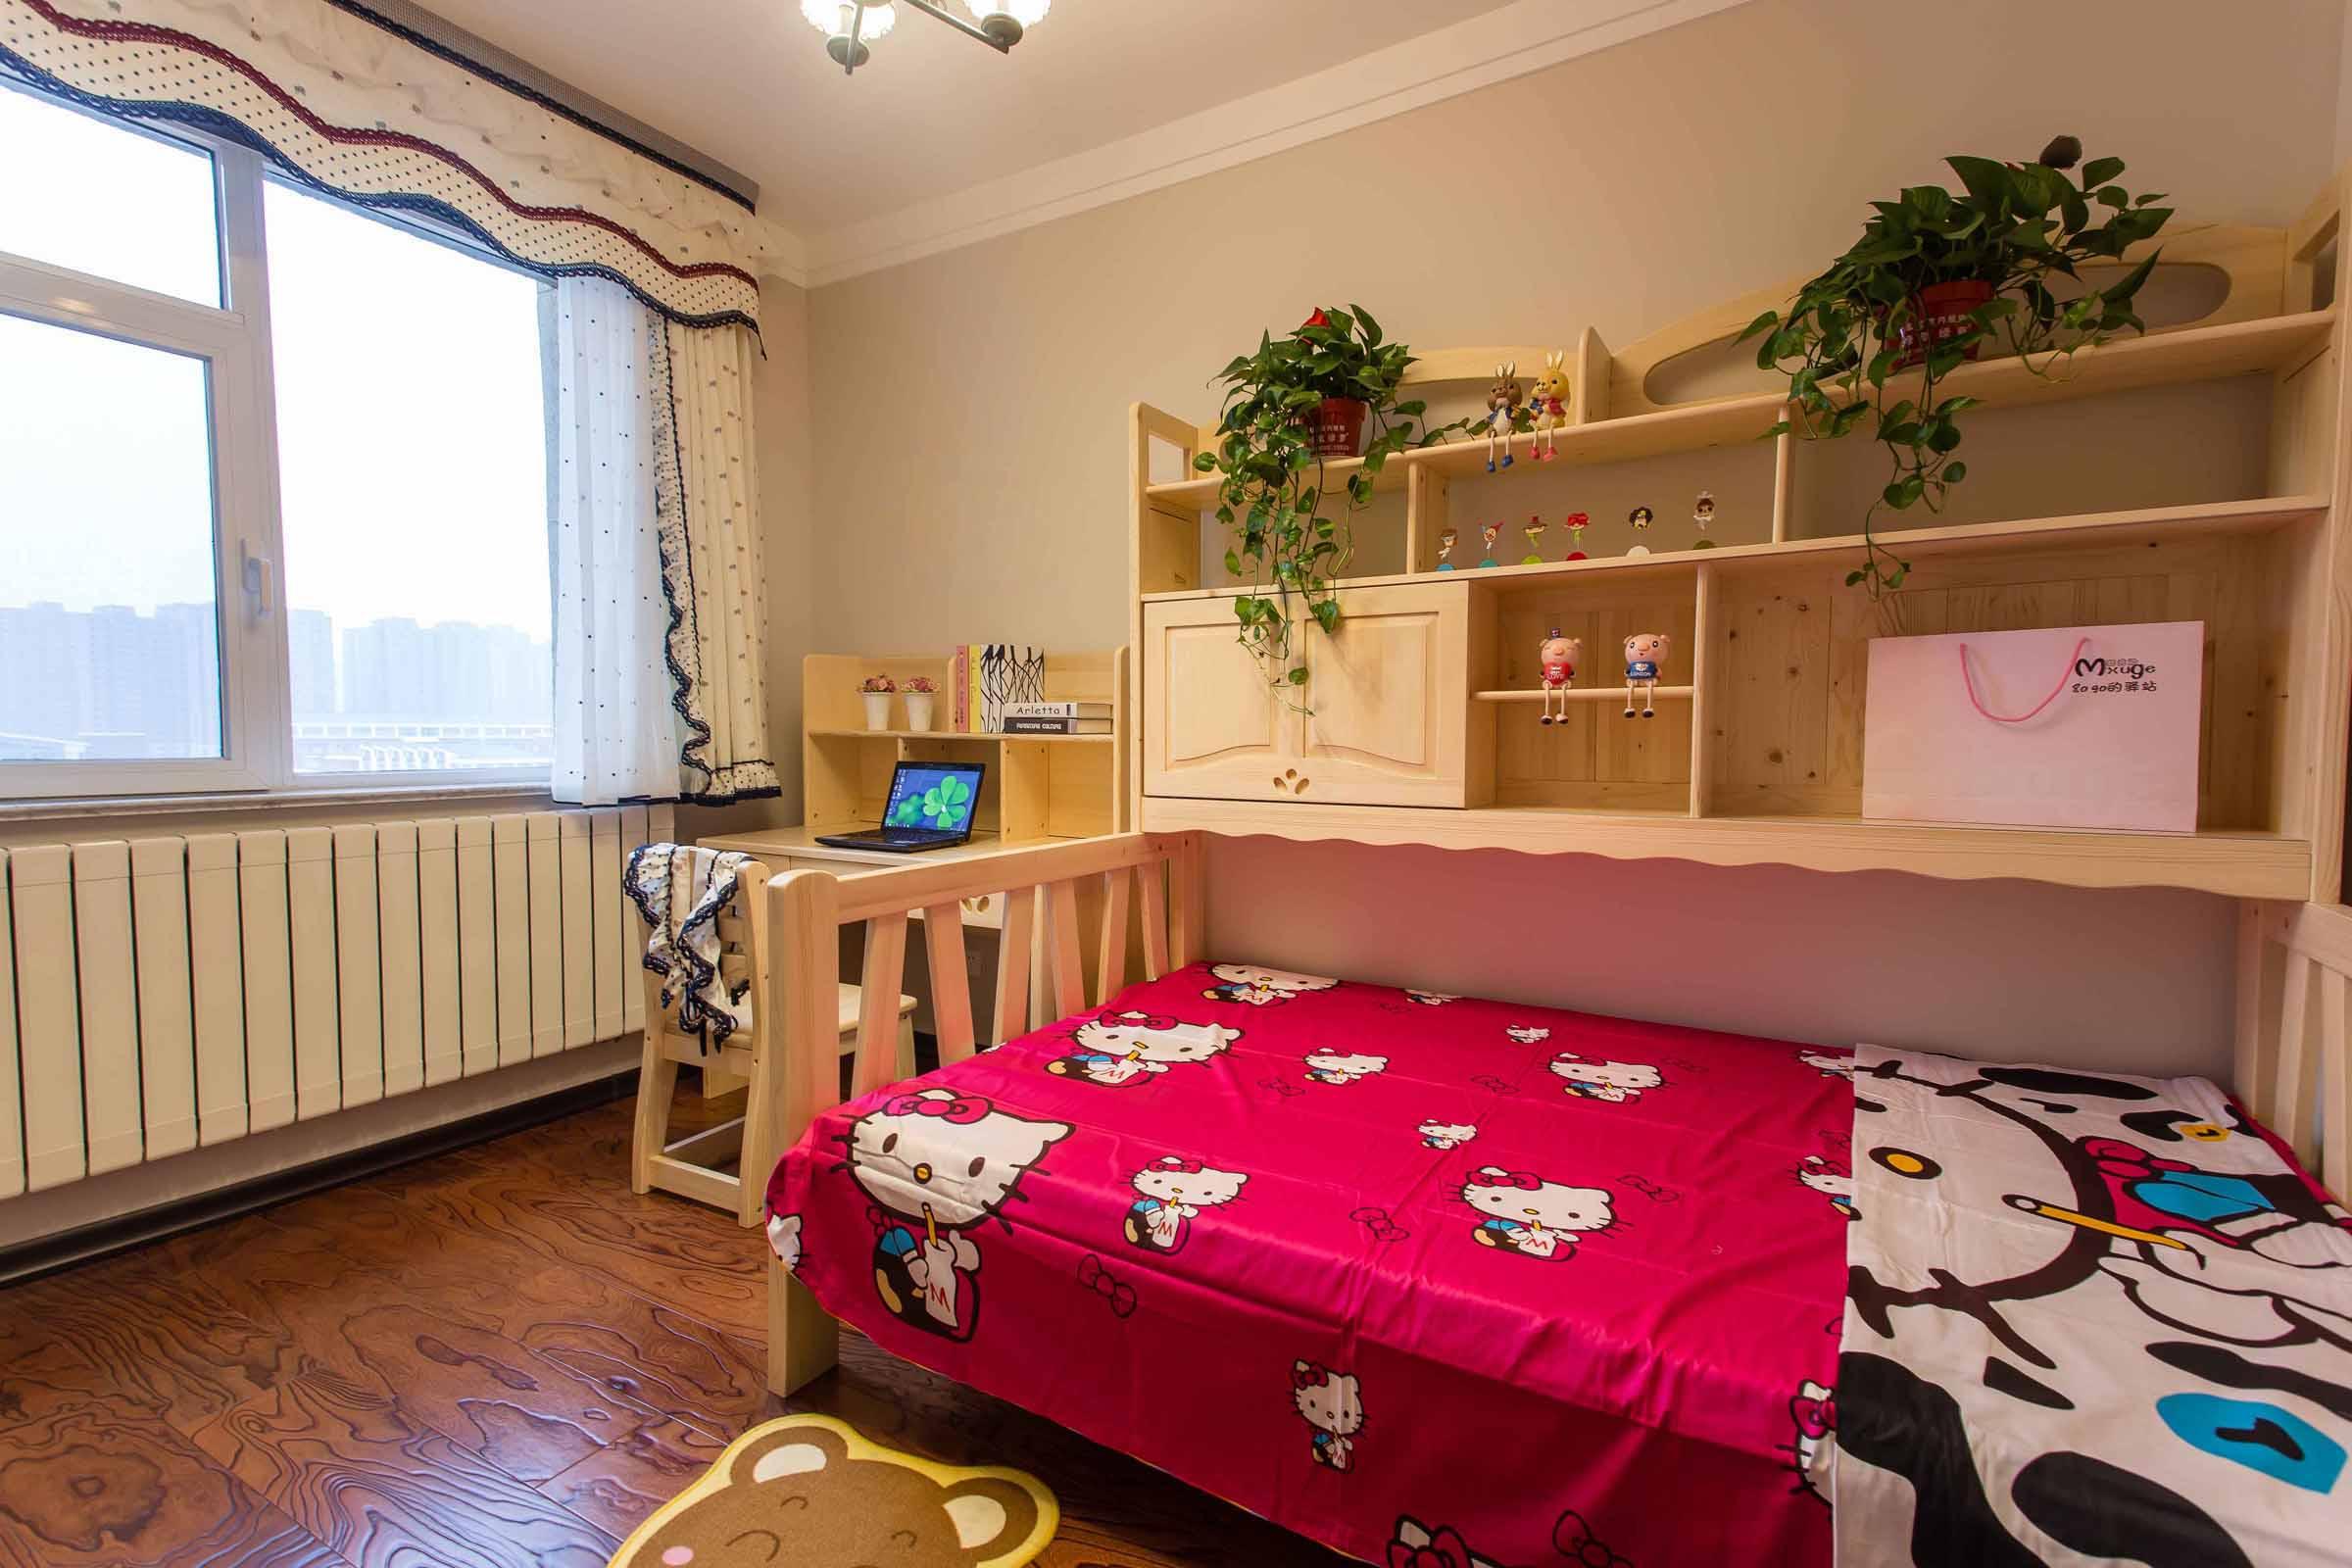 儿童房一看就是女孩子的房间,装饰是为了孩子更好的嬉戏以及休息